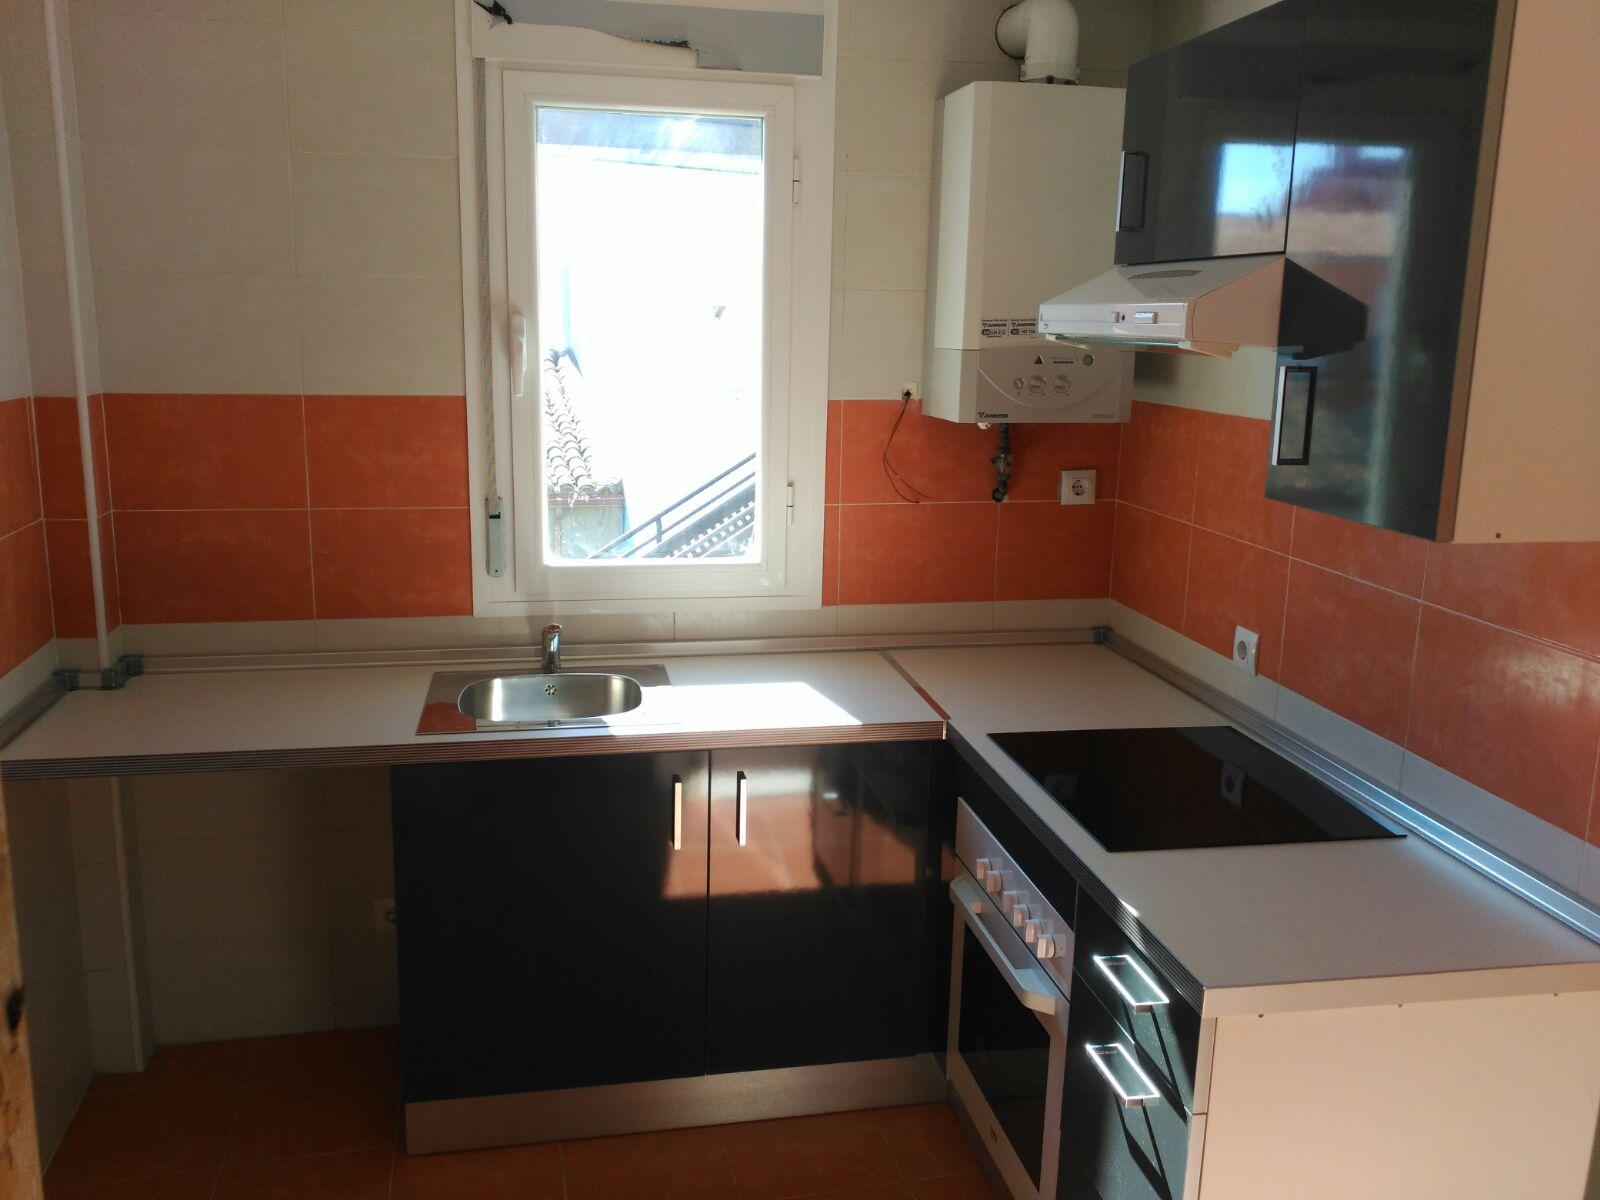 Montadores de muebles de cocina - Montadores de cocinas ...